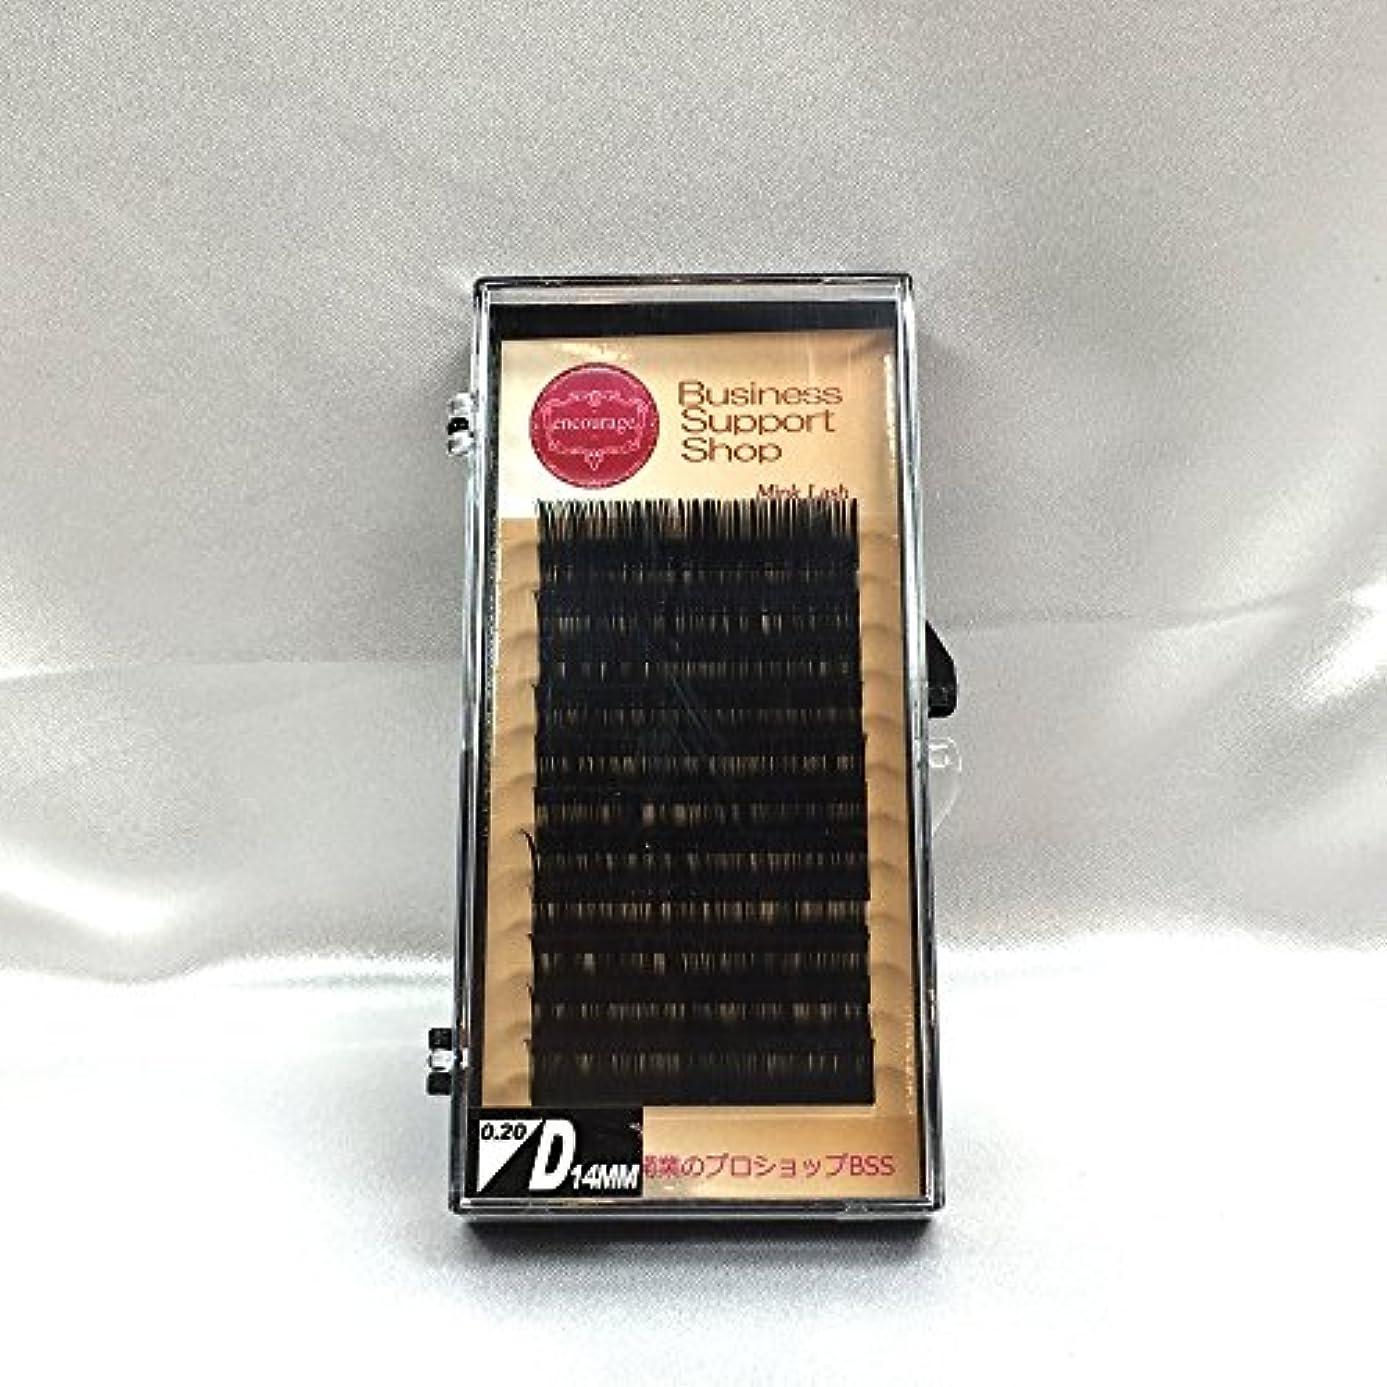 ラッカス風邪をひくはちみつまつげエクステ Dカール(太さ長さ指定) 高級ミンクまつげ 12列シートタイプ ケース入り (太0.20 長14mm)